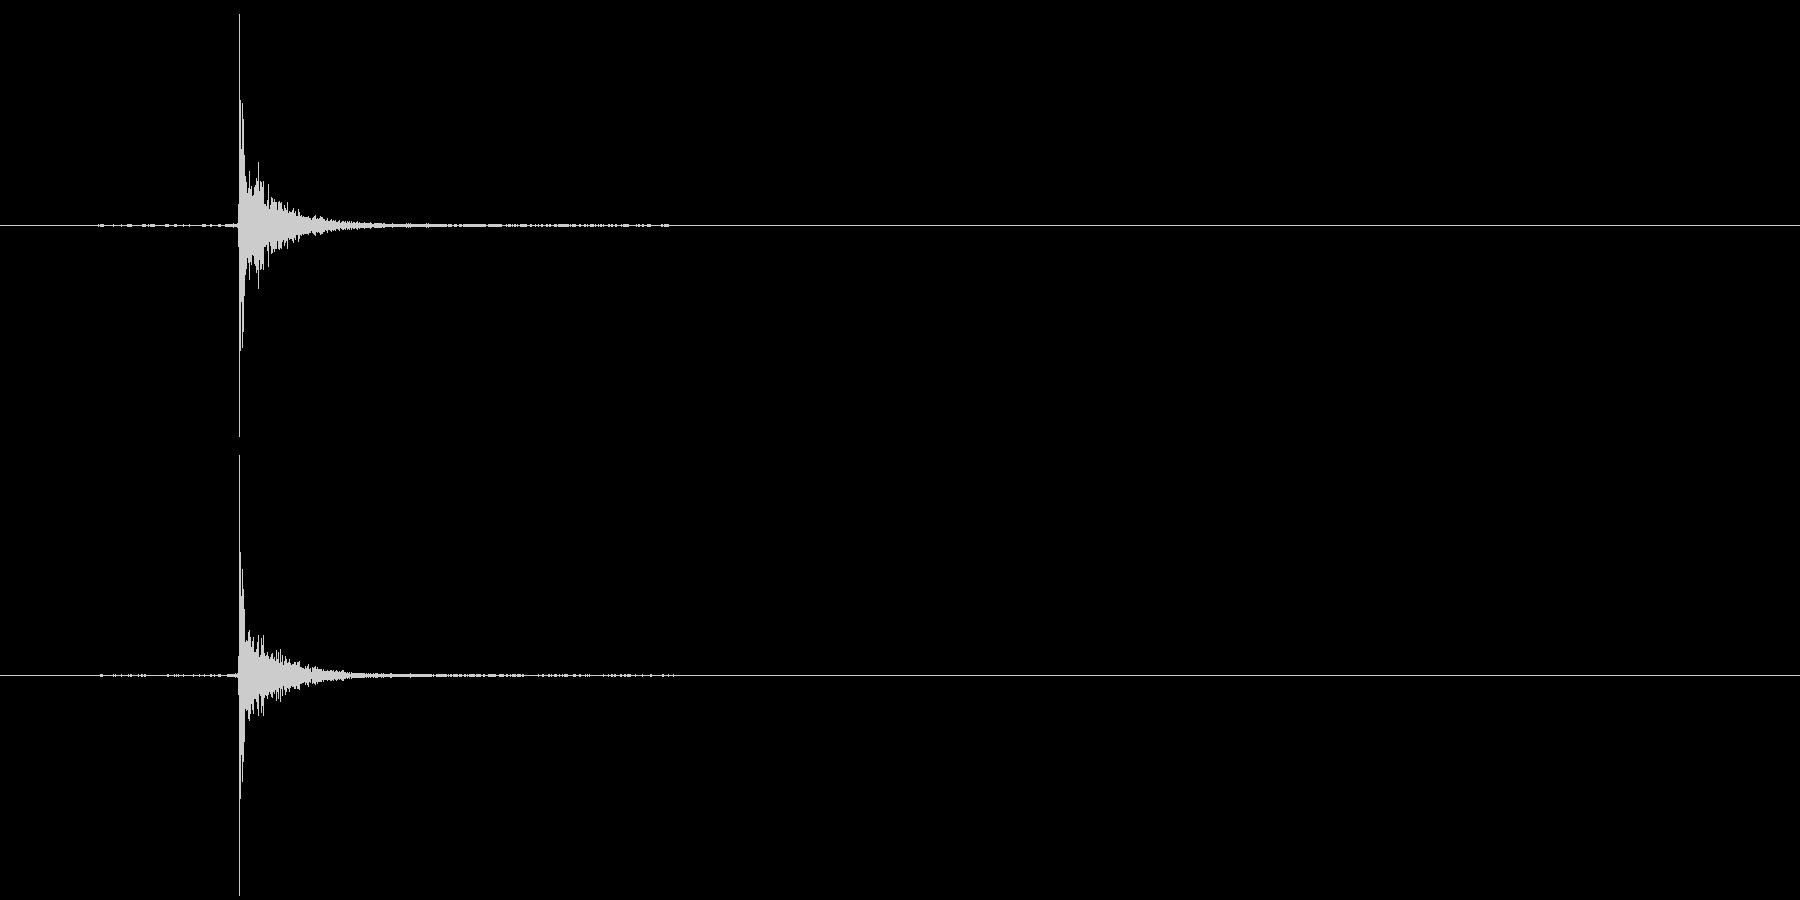 カチッ(スイッチを入れる音)の未再生の波形